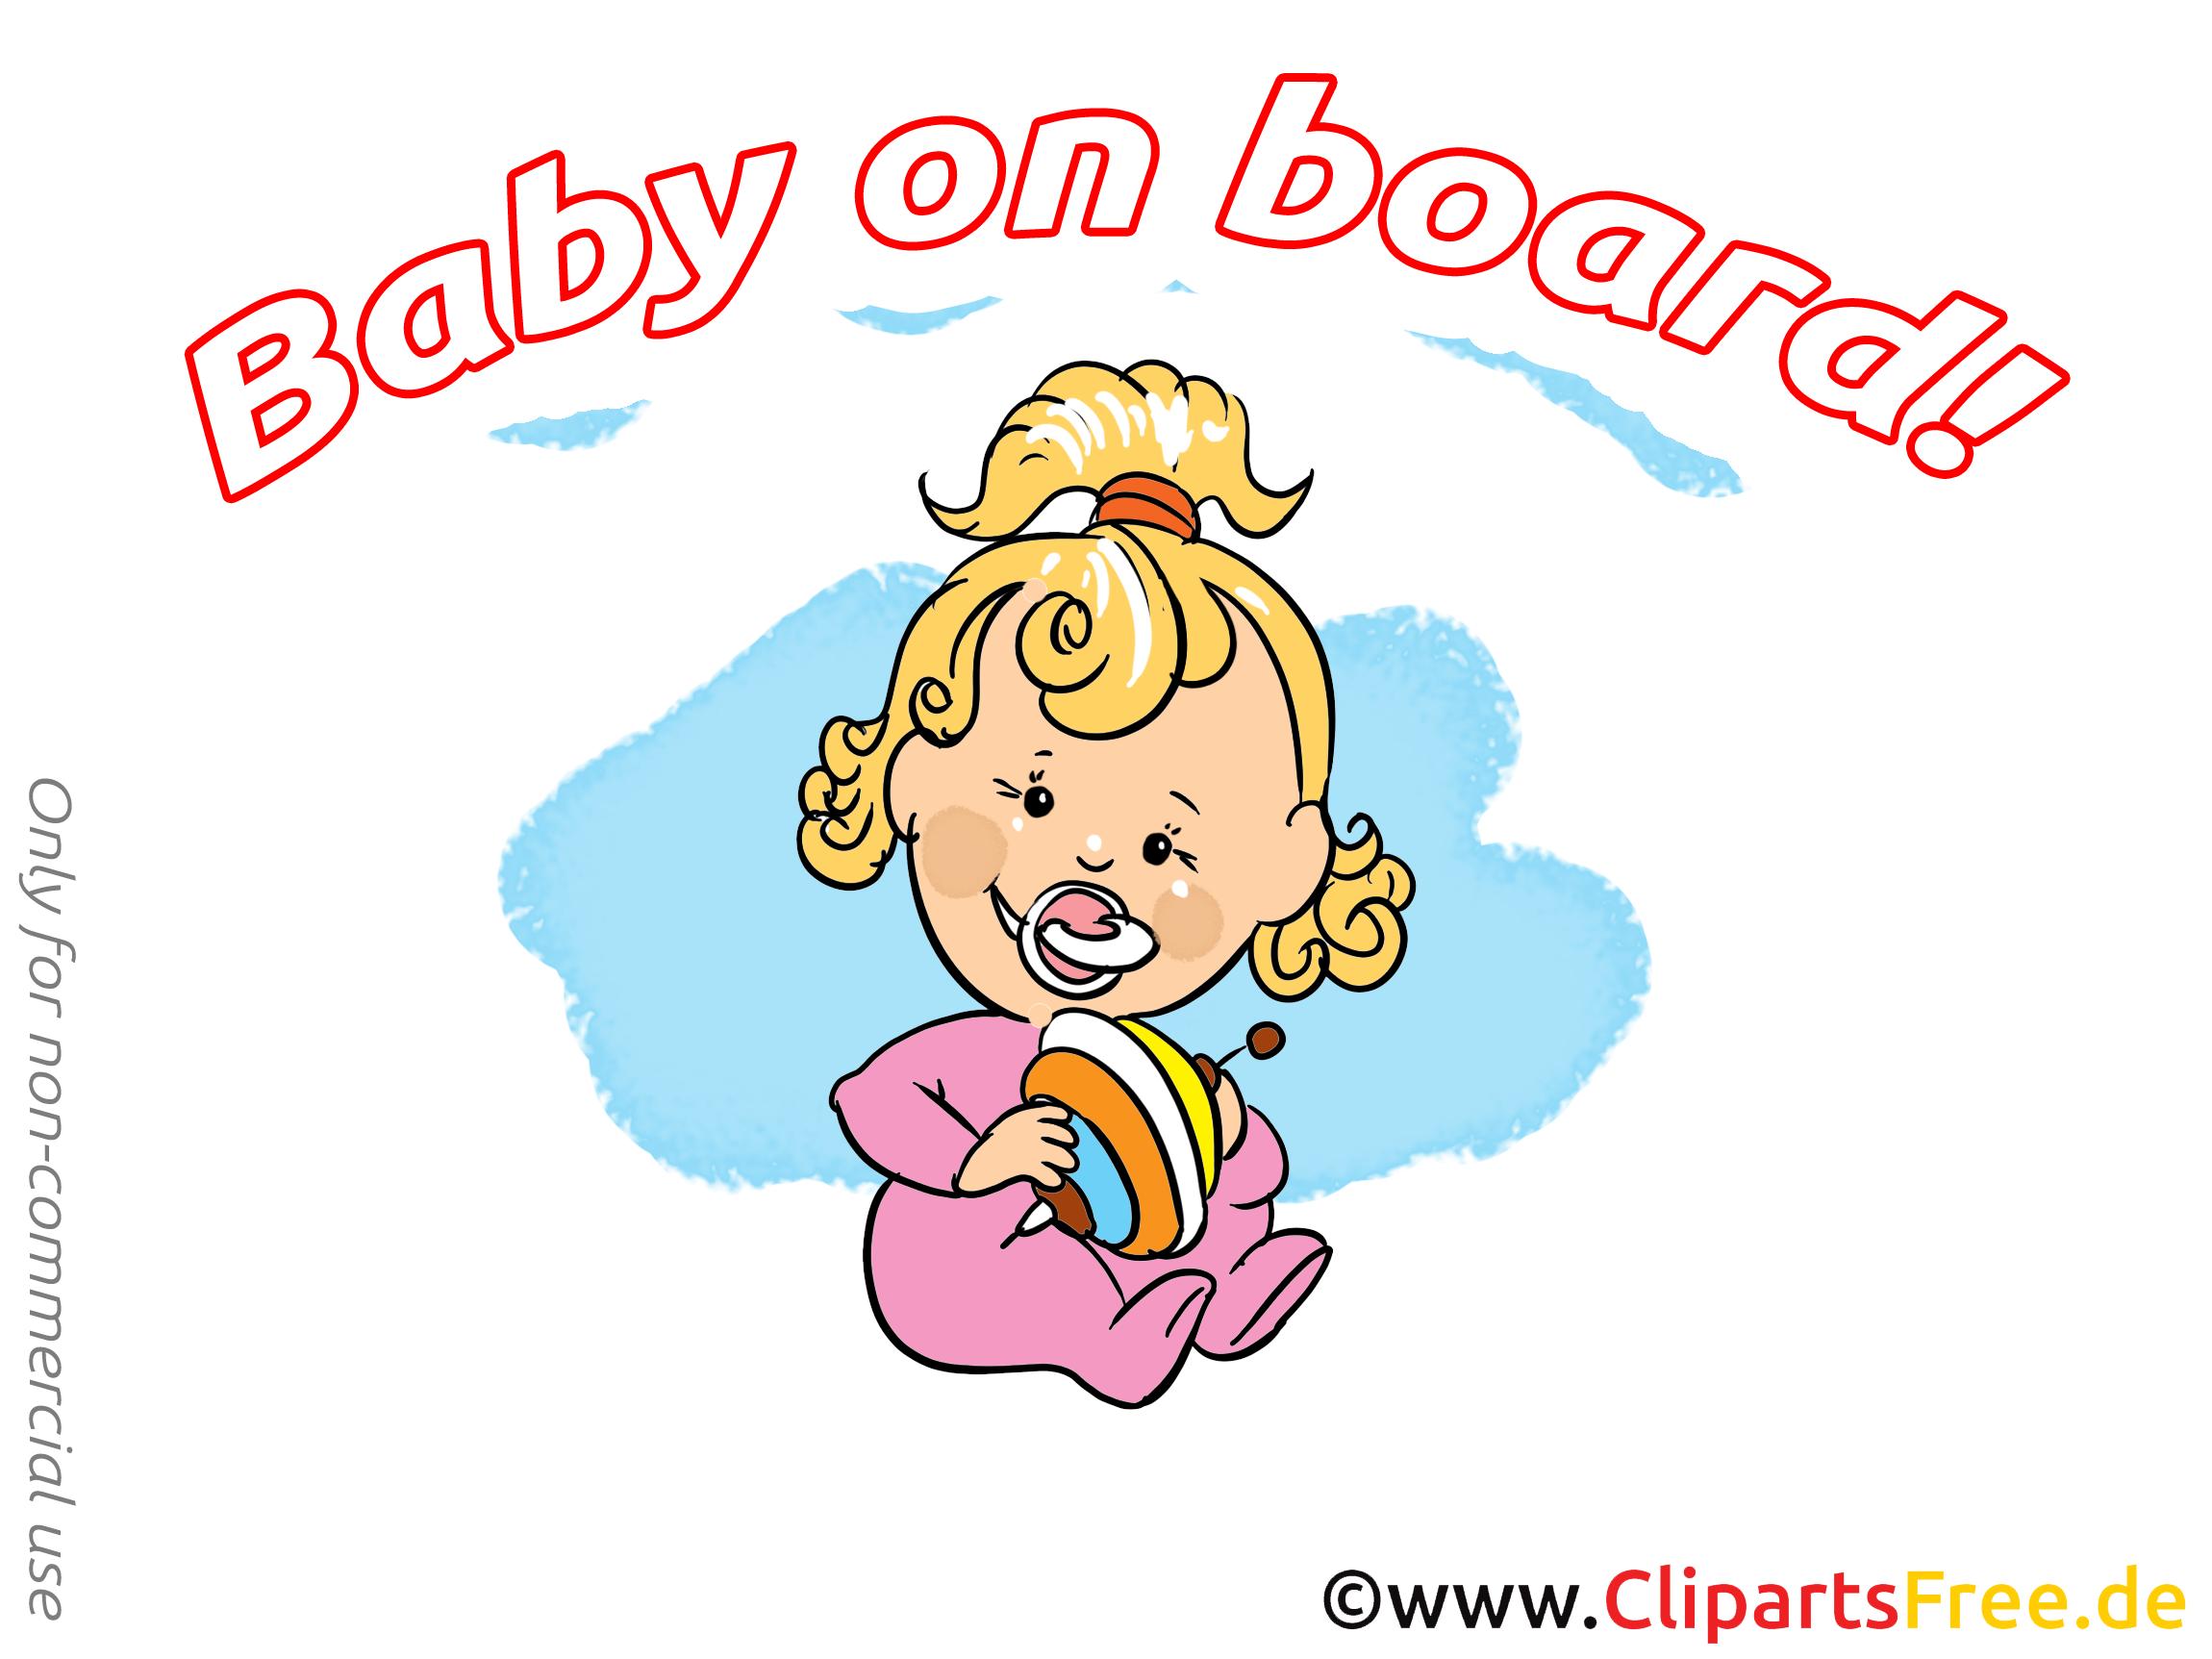 Toupie clip art gratuit – Bébé à bord dessin